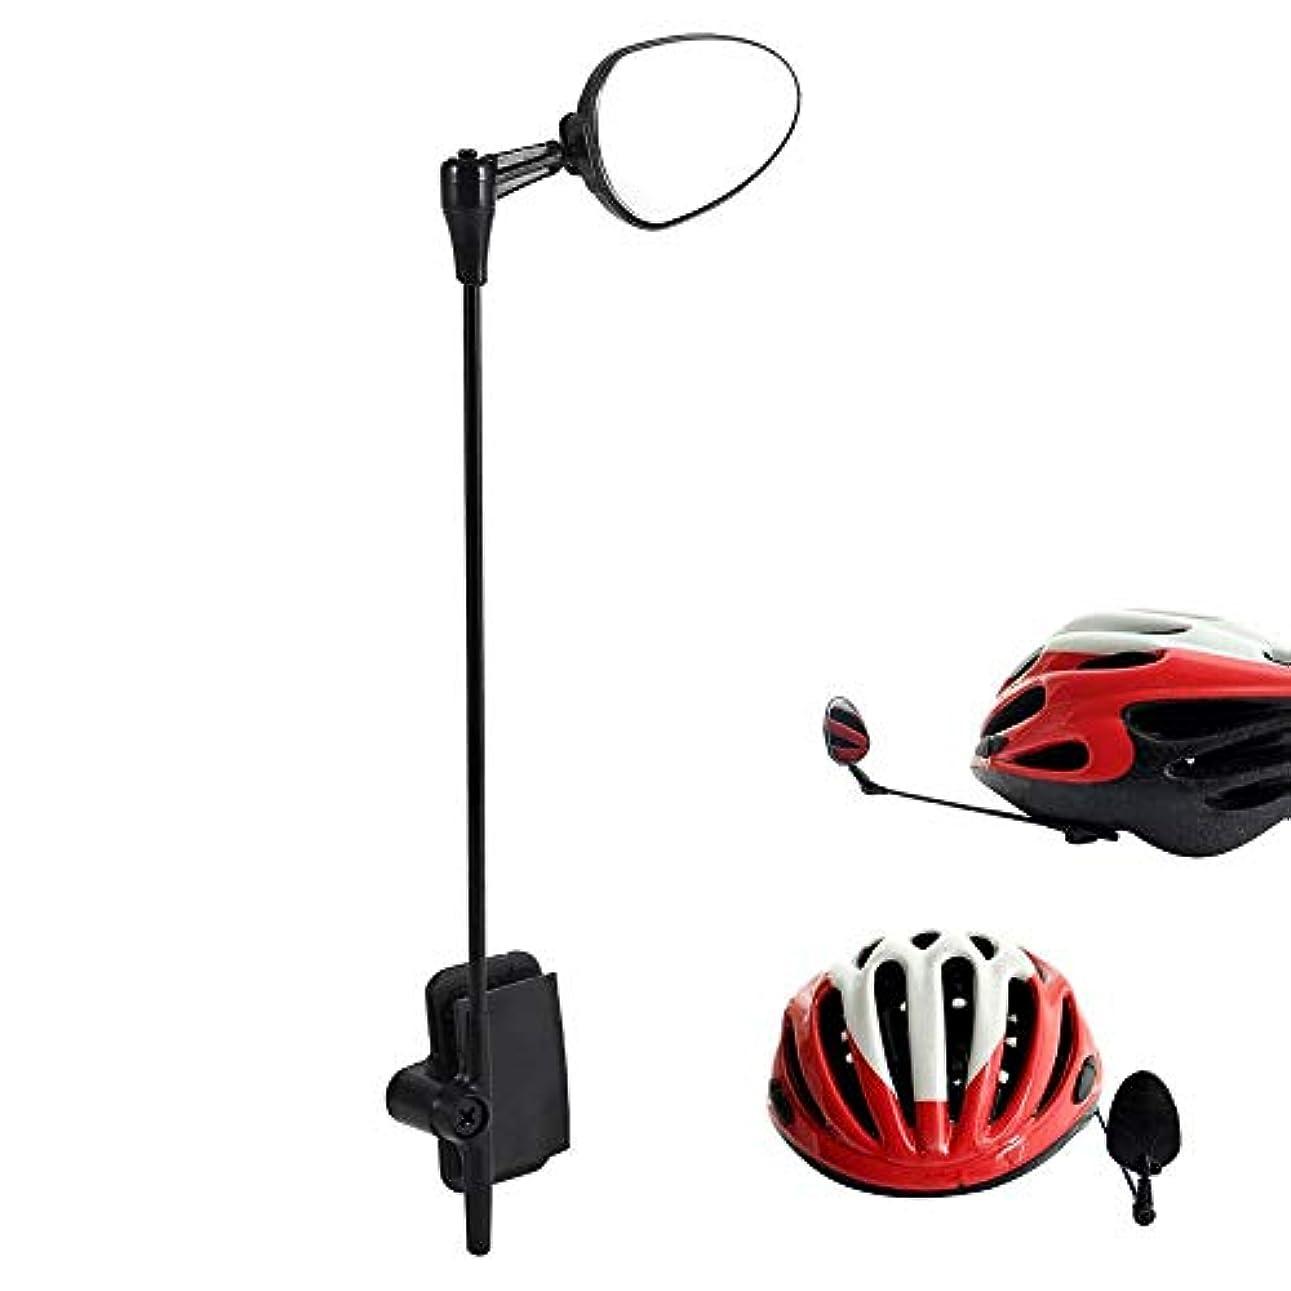 糸遺跡家具ヘルメット ミラー 自転車 リアビュー 360度調整 視界確保 軽量 取り付け*取り外す簡単 持ち運び便利 バイク オートバイミラー 黒